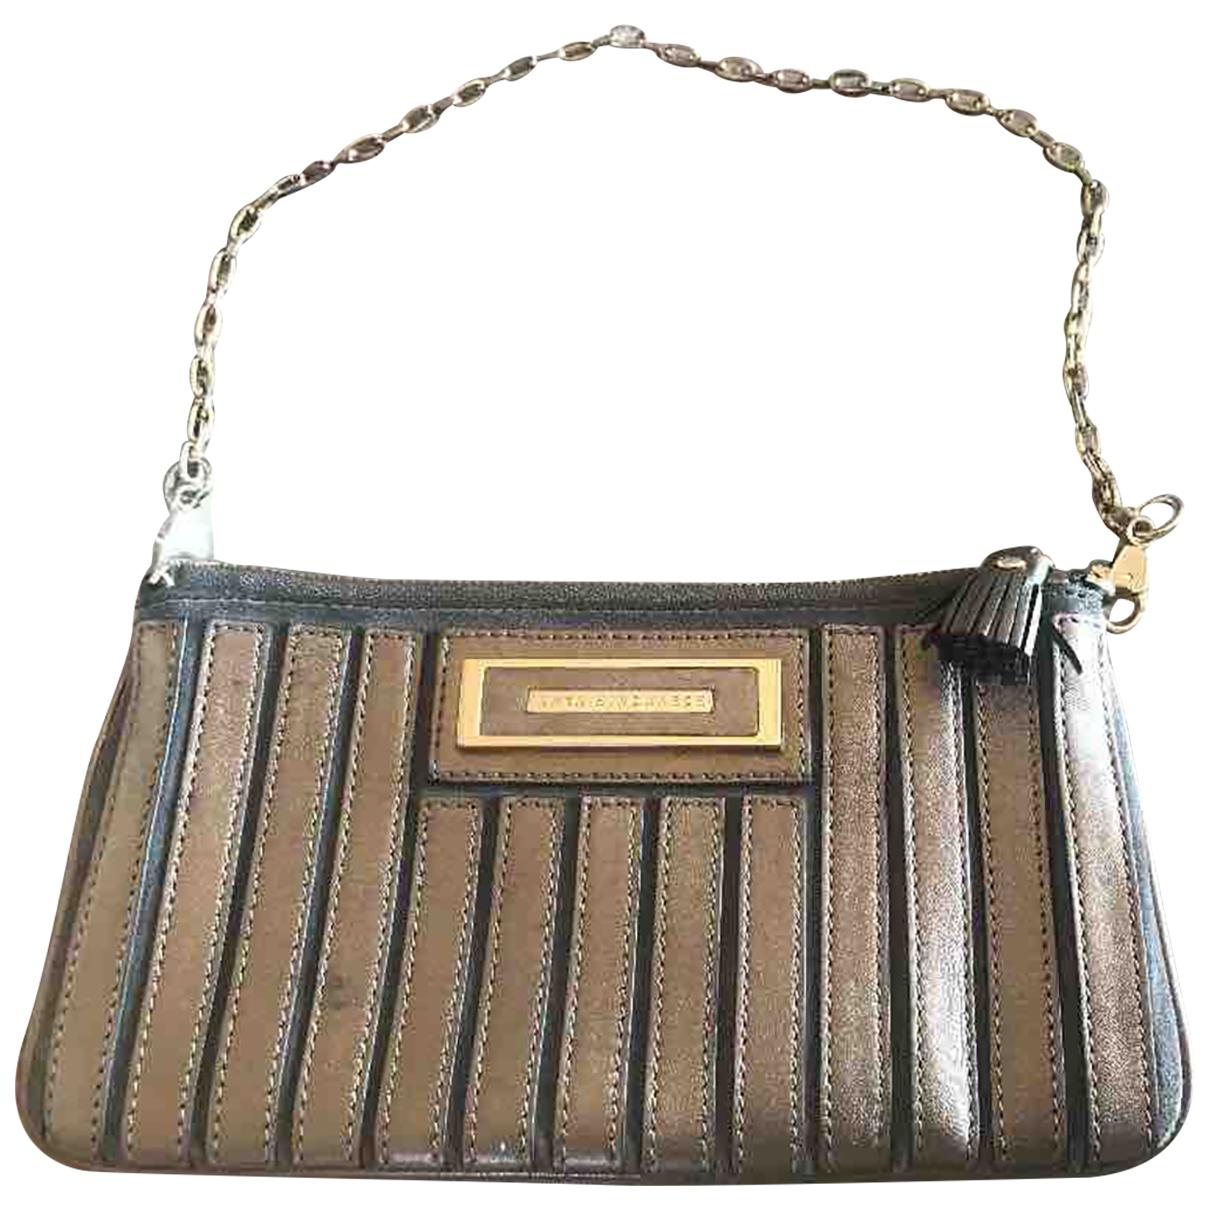 Anya Hindmarch \N Metallic Leather Clutch bag for Women \N